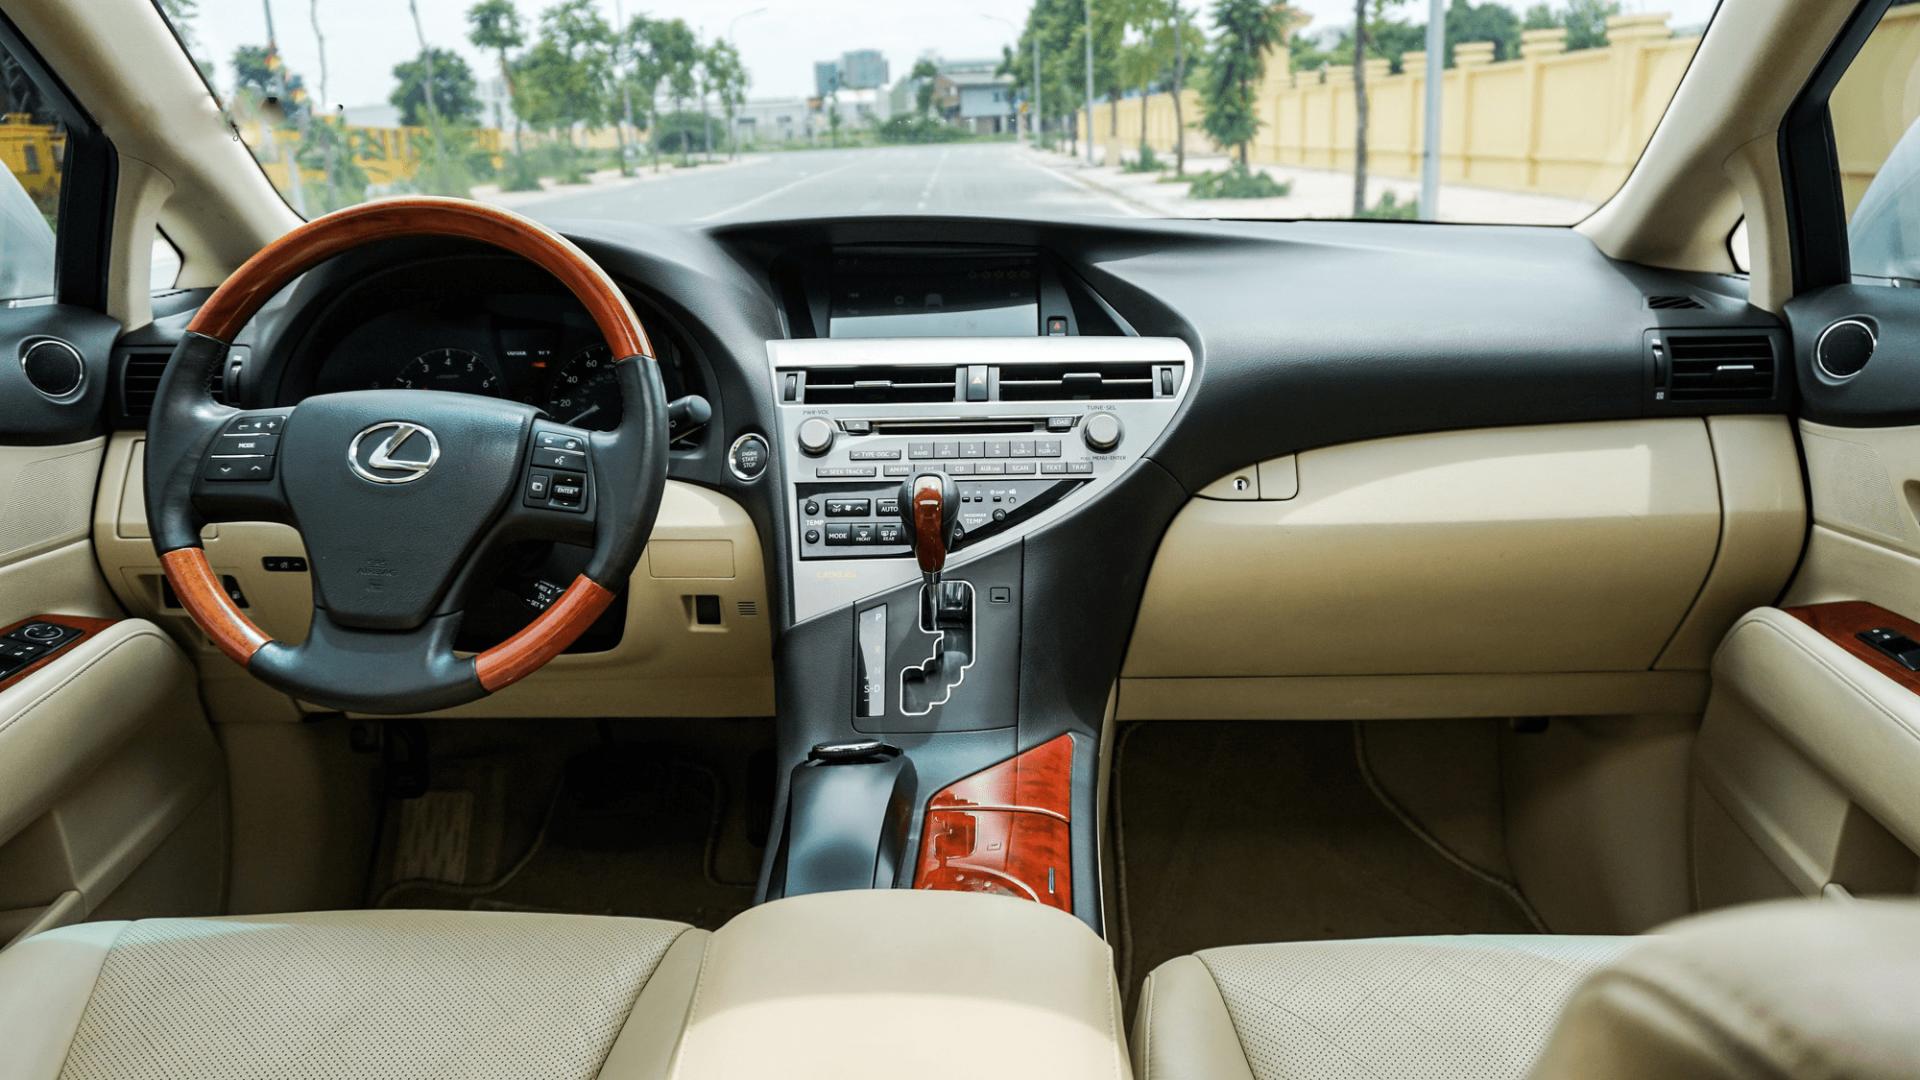 Trang bị nội thất của xe độ Lexus RX350 đời 2010